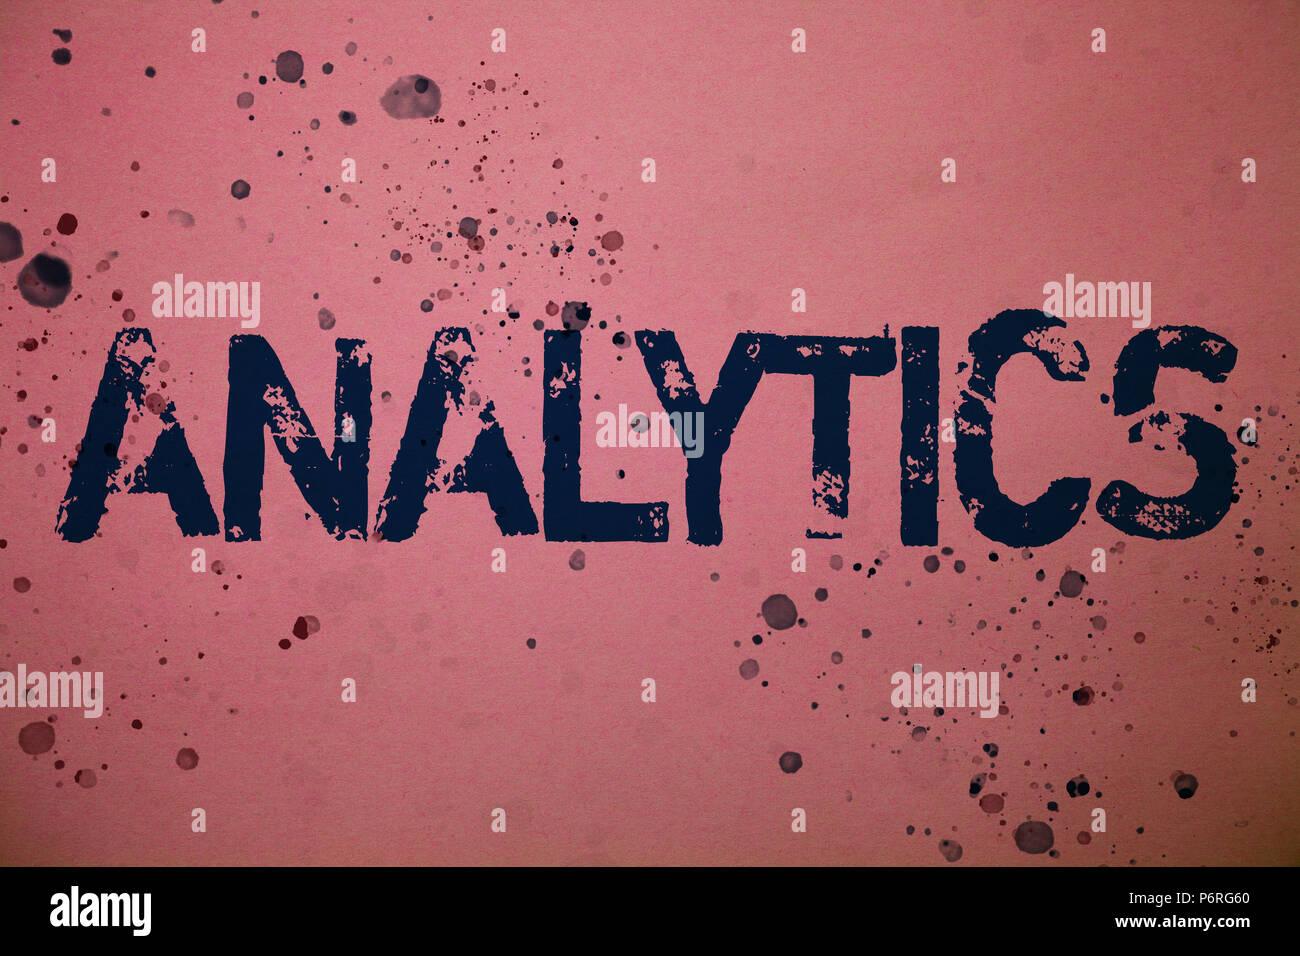 Texte de l'écriture analytique. Sens Concept L'analyse des données statistiques sur l'information financière Rapport des idées de planche de bord fond rose m éclaboussures messages Photo Stock